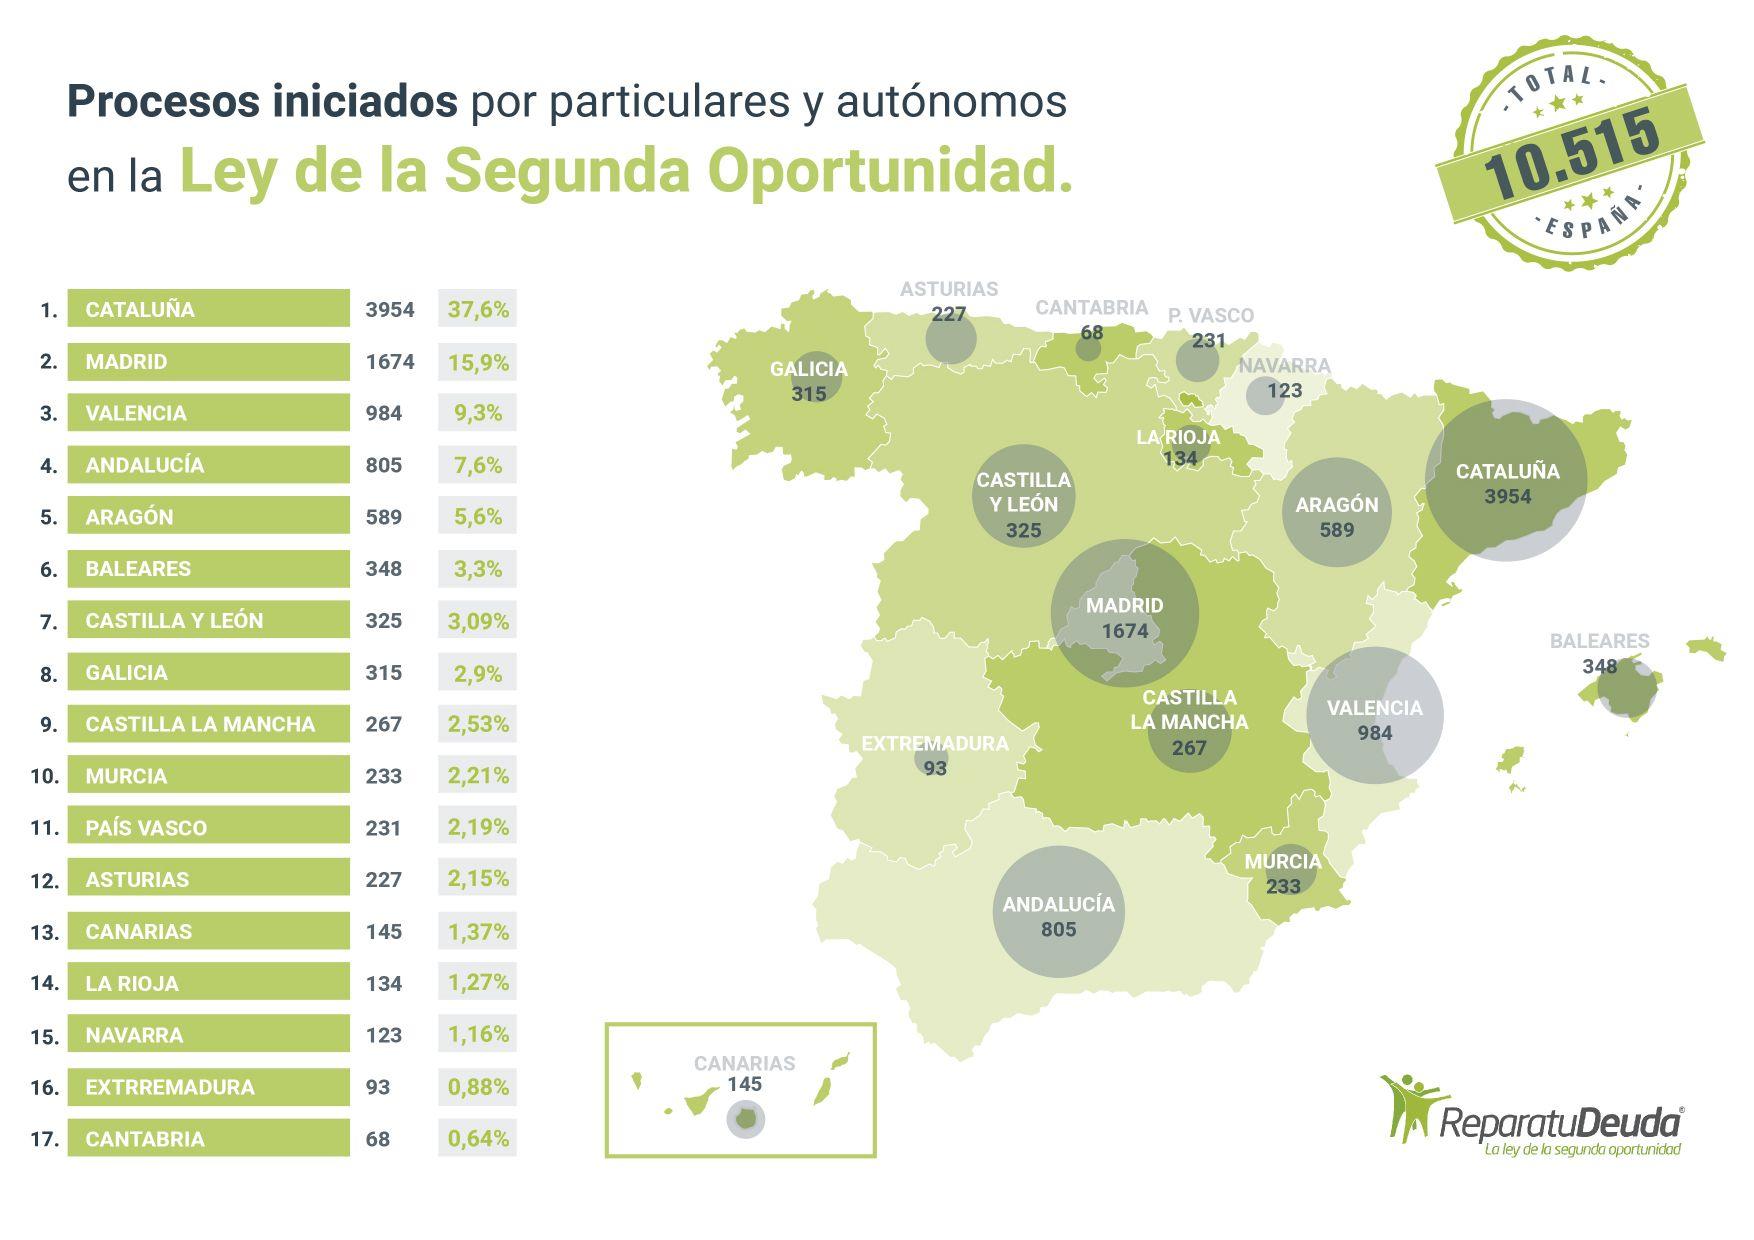 Repara tu deuda abogados anuncia que 93 personas en Extremadura se acogen a la Ley de Segunda Oportunidad